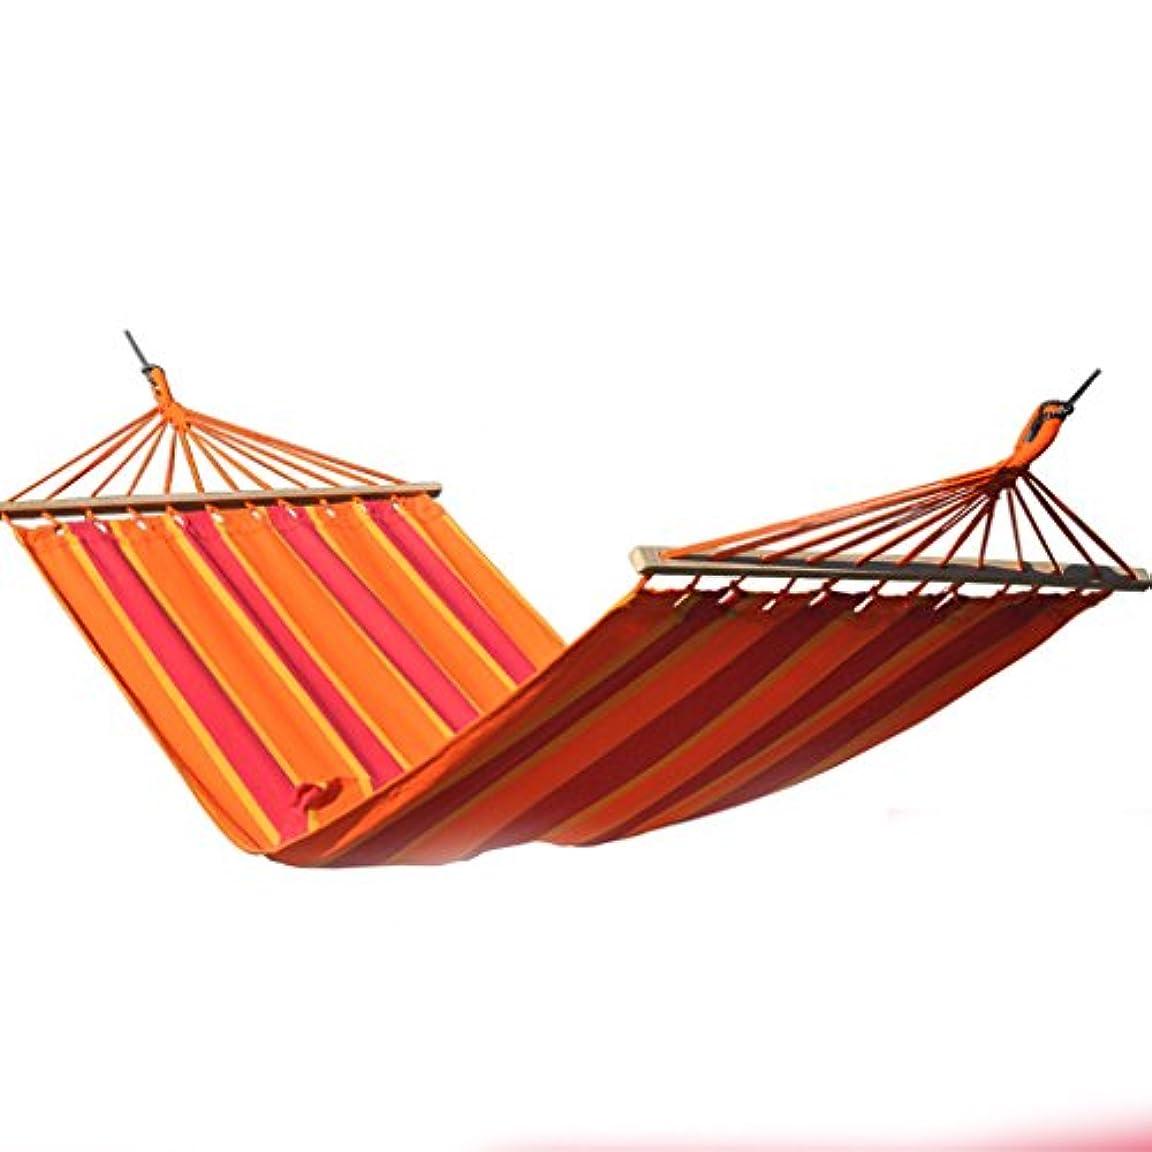 刺す発揮する砂のRMJAI ハンモックキャンプアウトドアハンモックスティックキャンバス通気性ポータブルレジャーシングルハンモックブルーガーデンハンモックガーデンハンモック200x100(78.7x39.4in)オレンジ